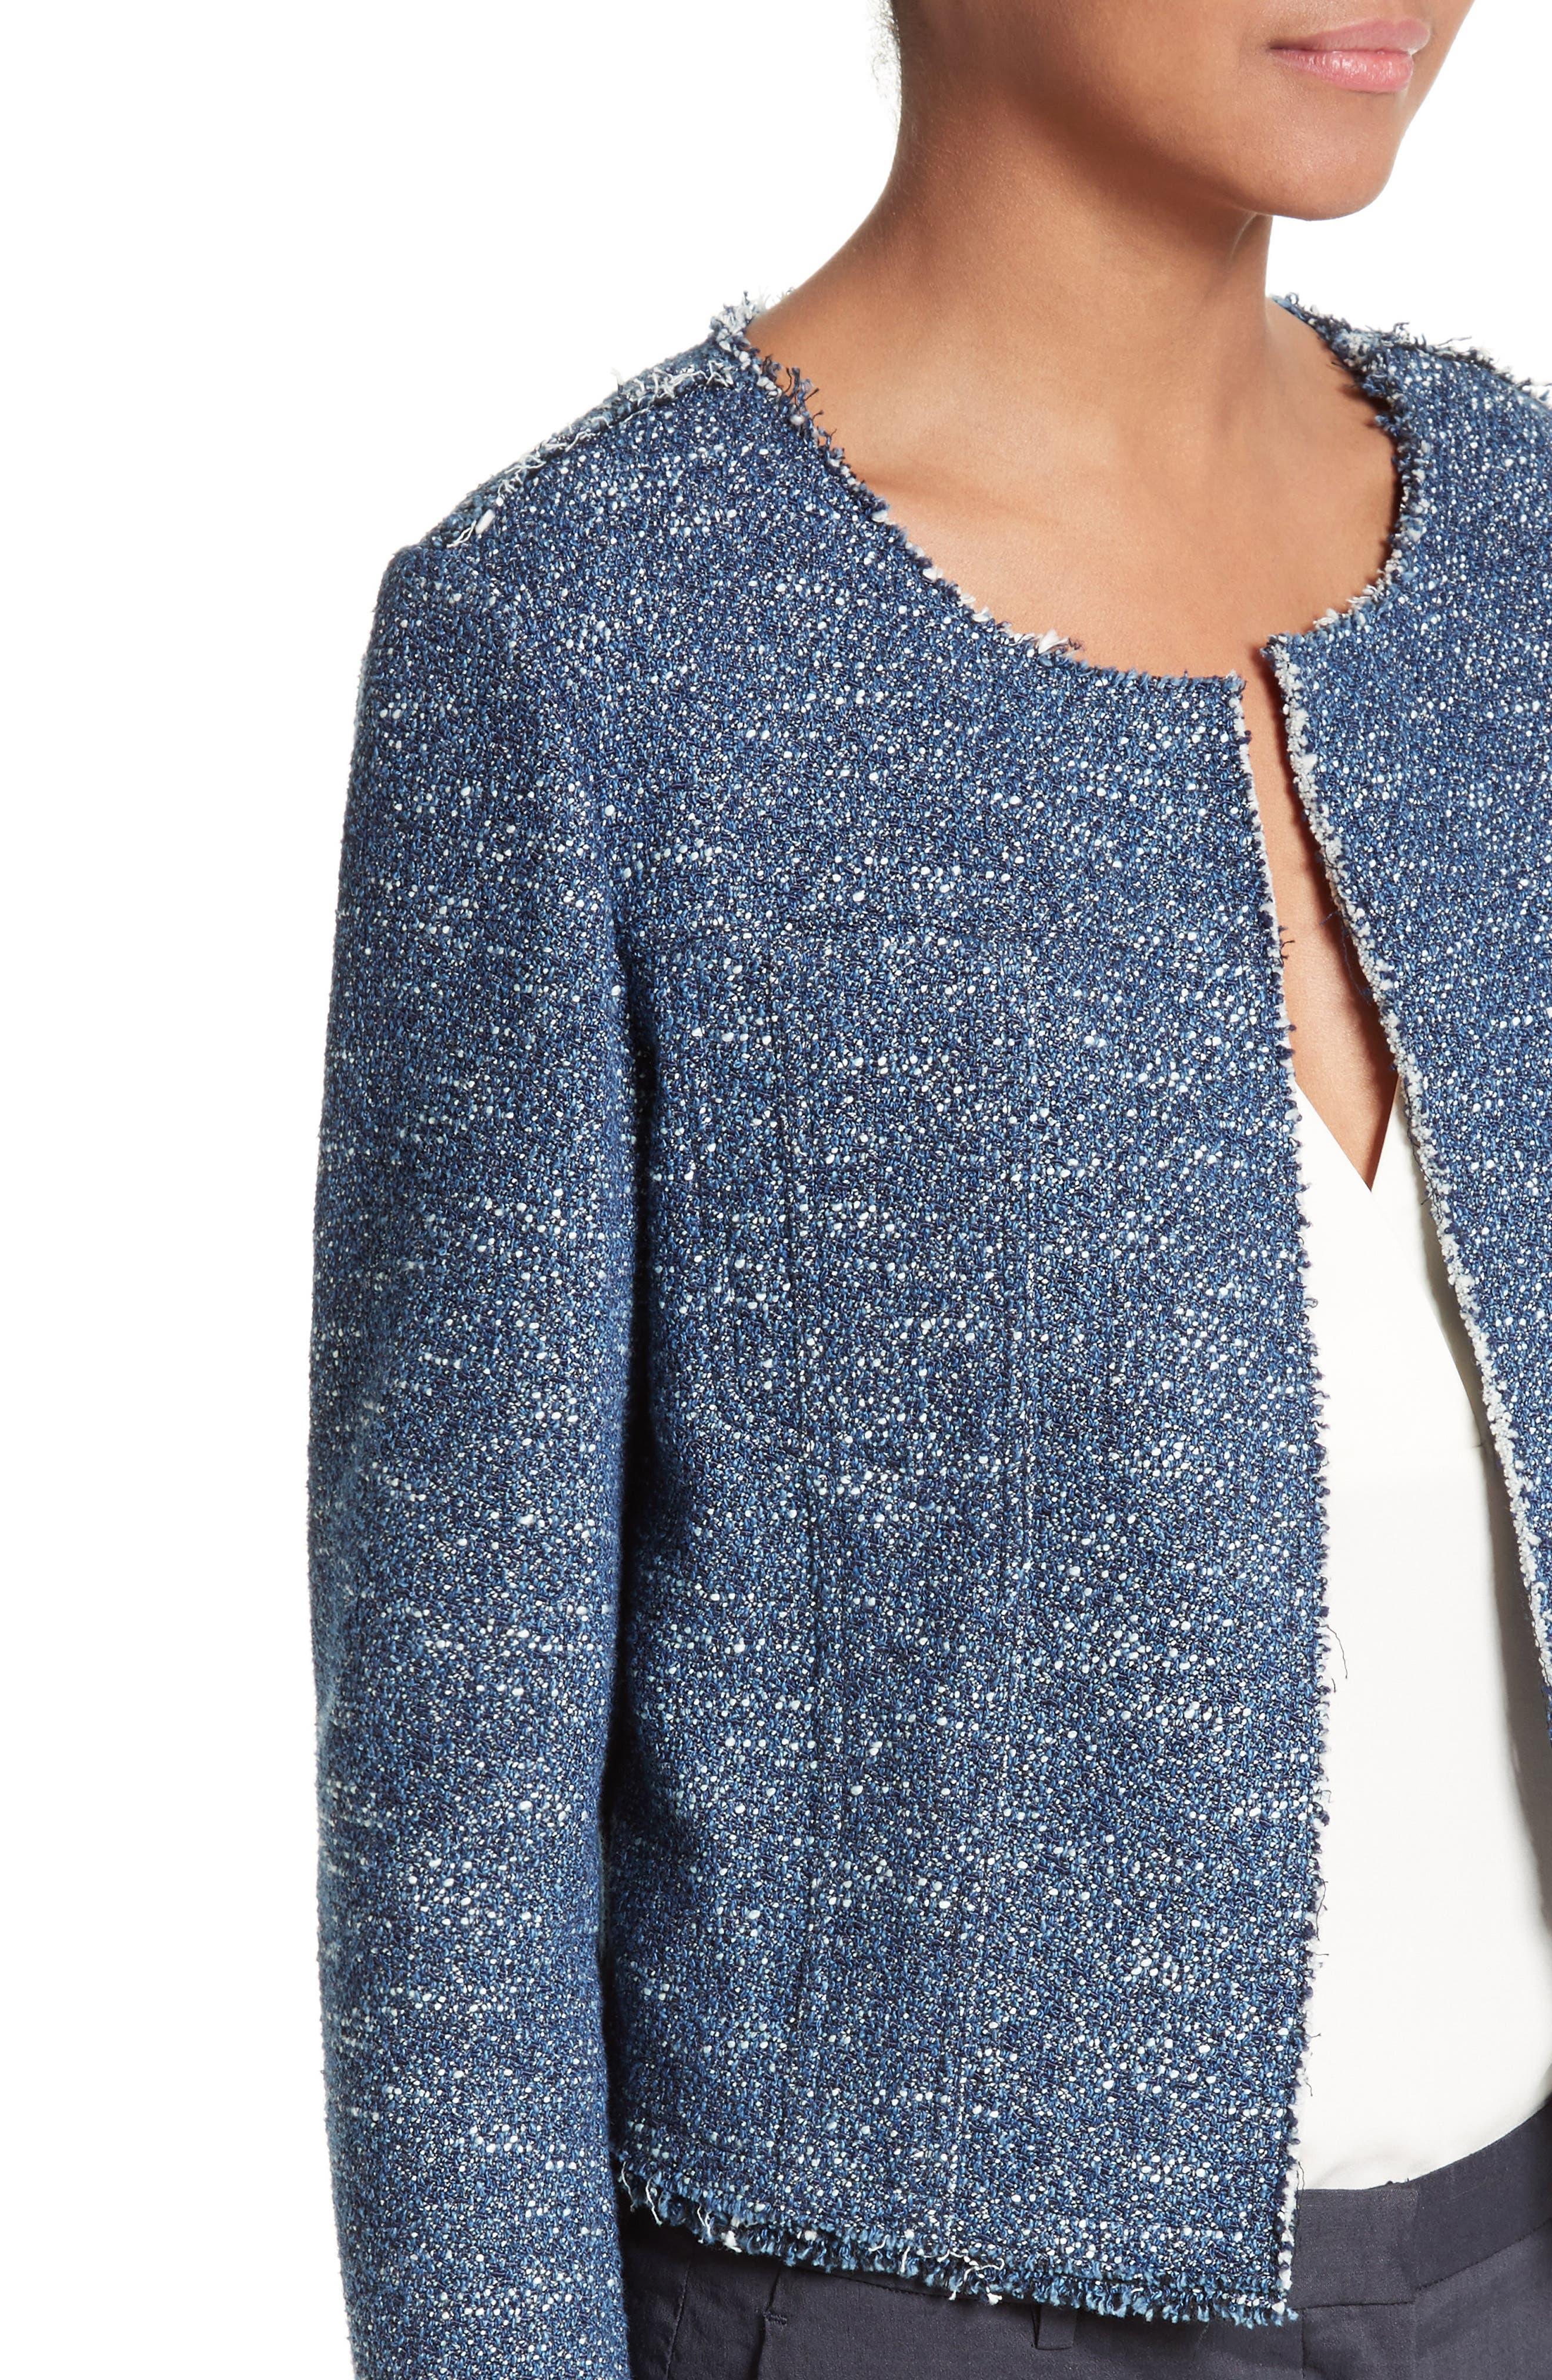 Ualana Indigo Tweed Jacket,                             Alternate thumbnail 3, color,                             498